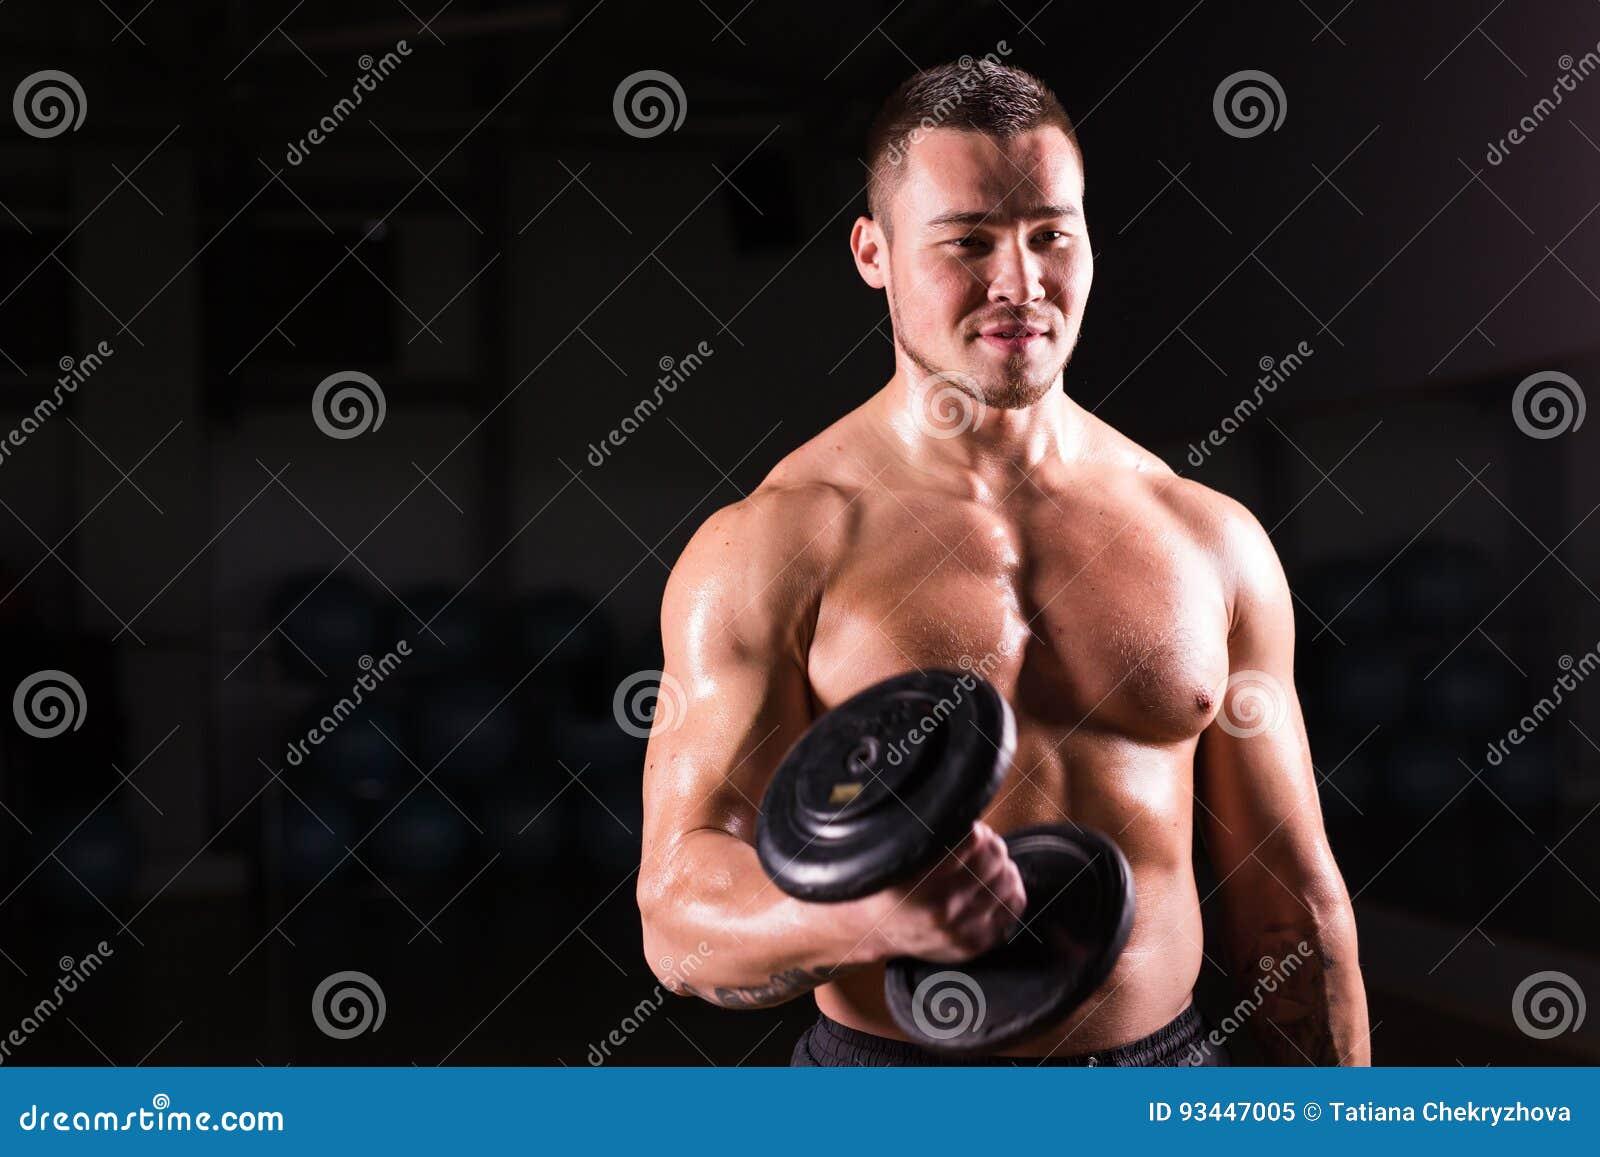 Naked posing Fitness model